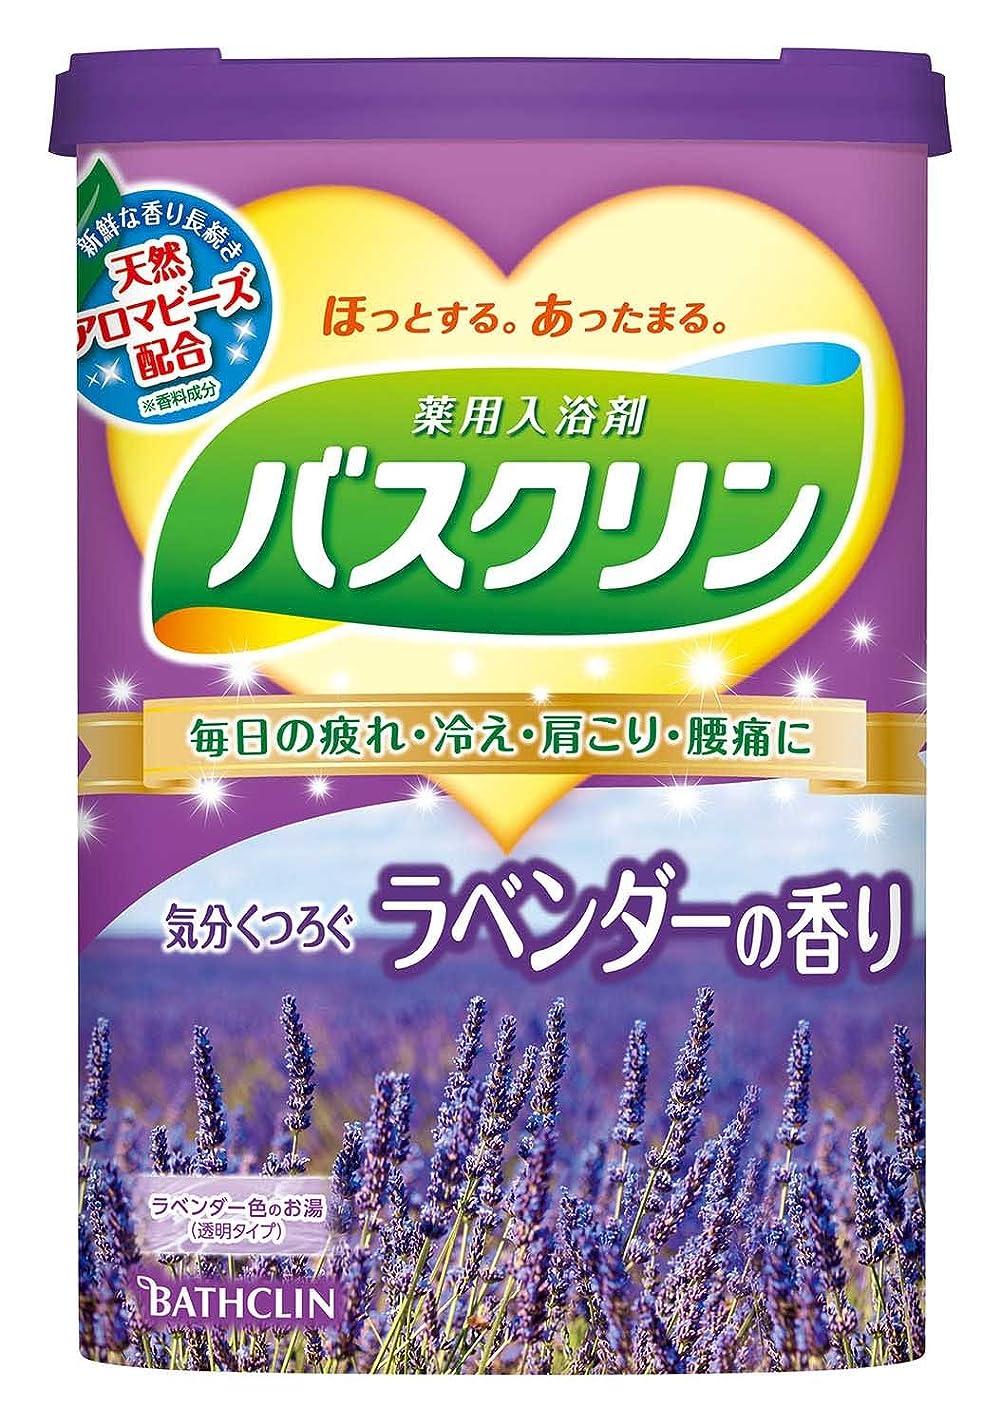 アルファベットモルヒネ人質【医薬部外品】バスクリン ラベンダーの香り 600g 入浴剤